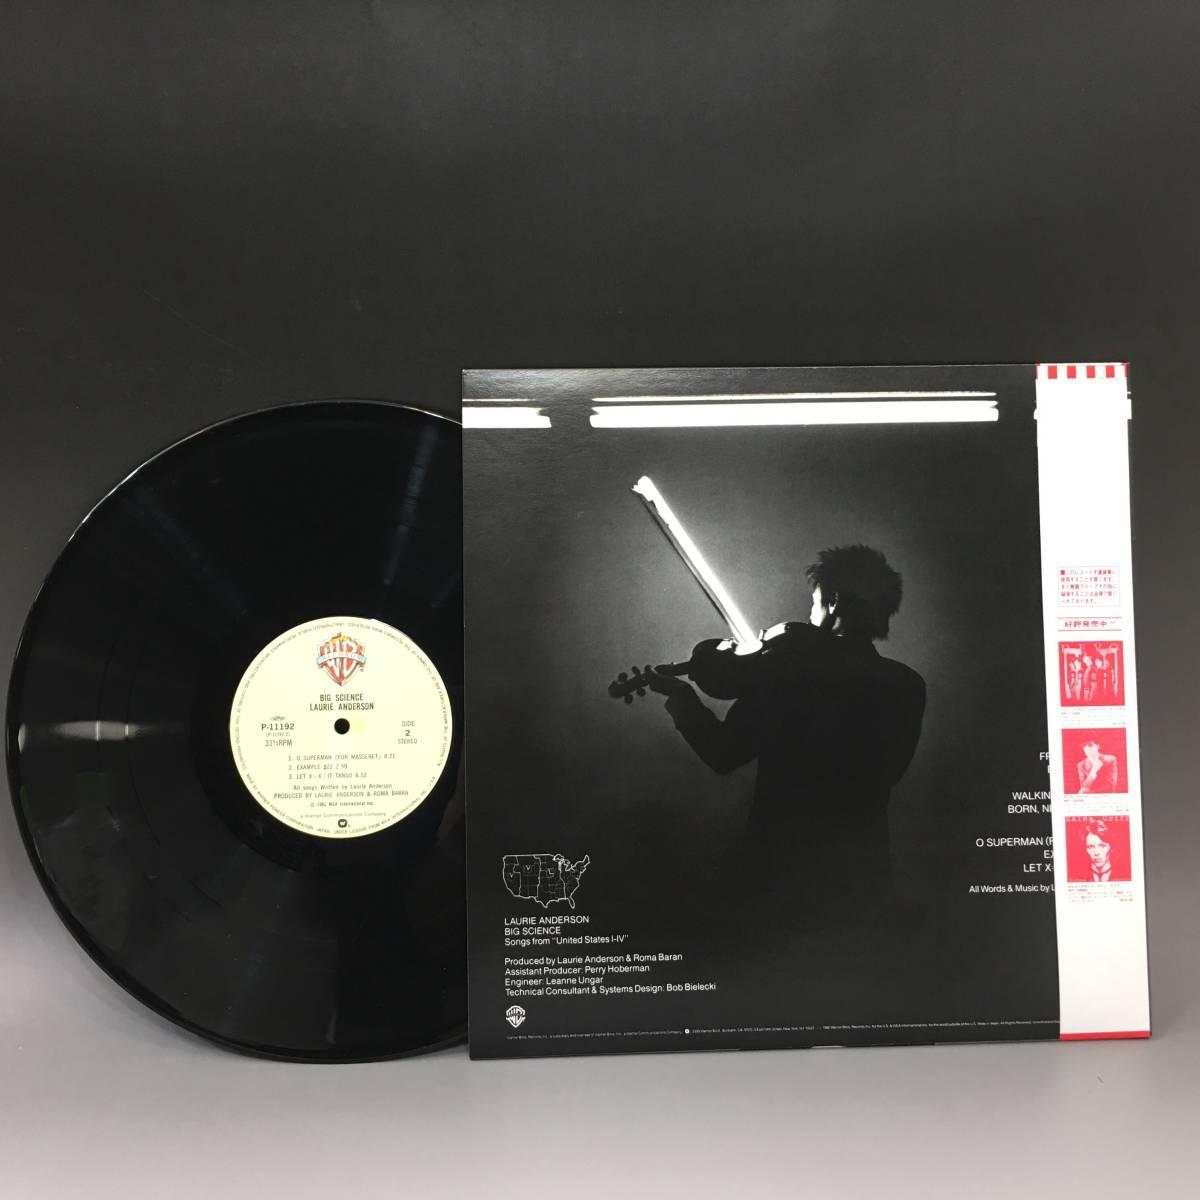 代購代標第一品牌 樂淘letao Tb1572 lpレコード ローリー